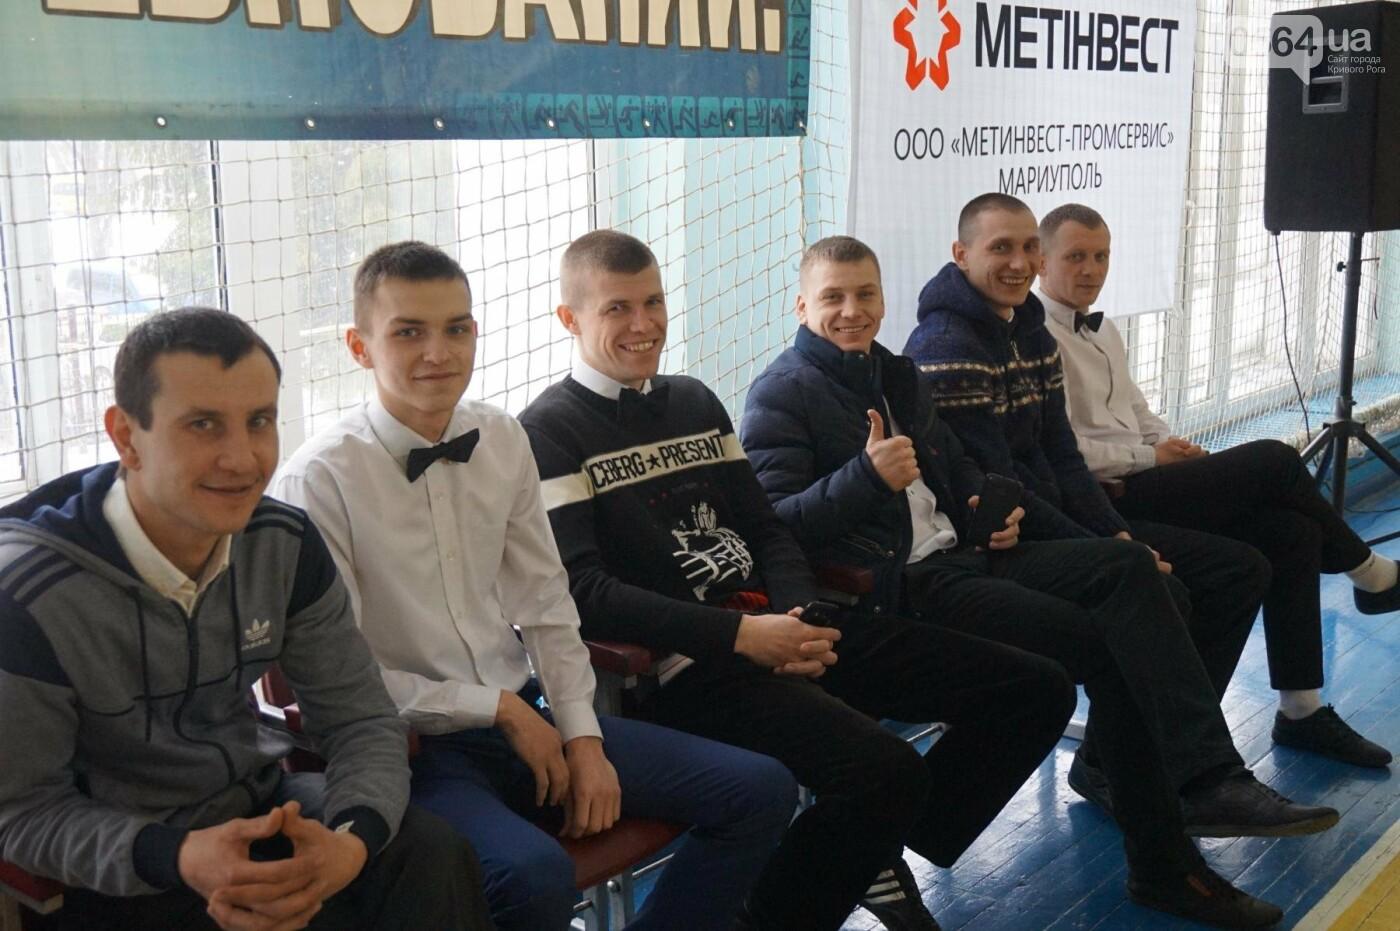 В Кривом Роге состоялся Международный турнир по боксу (ФОТО, ВИДЕО), фото-33